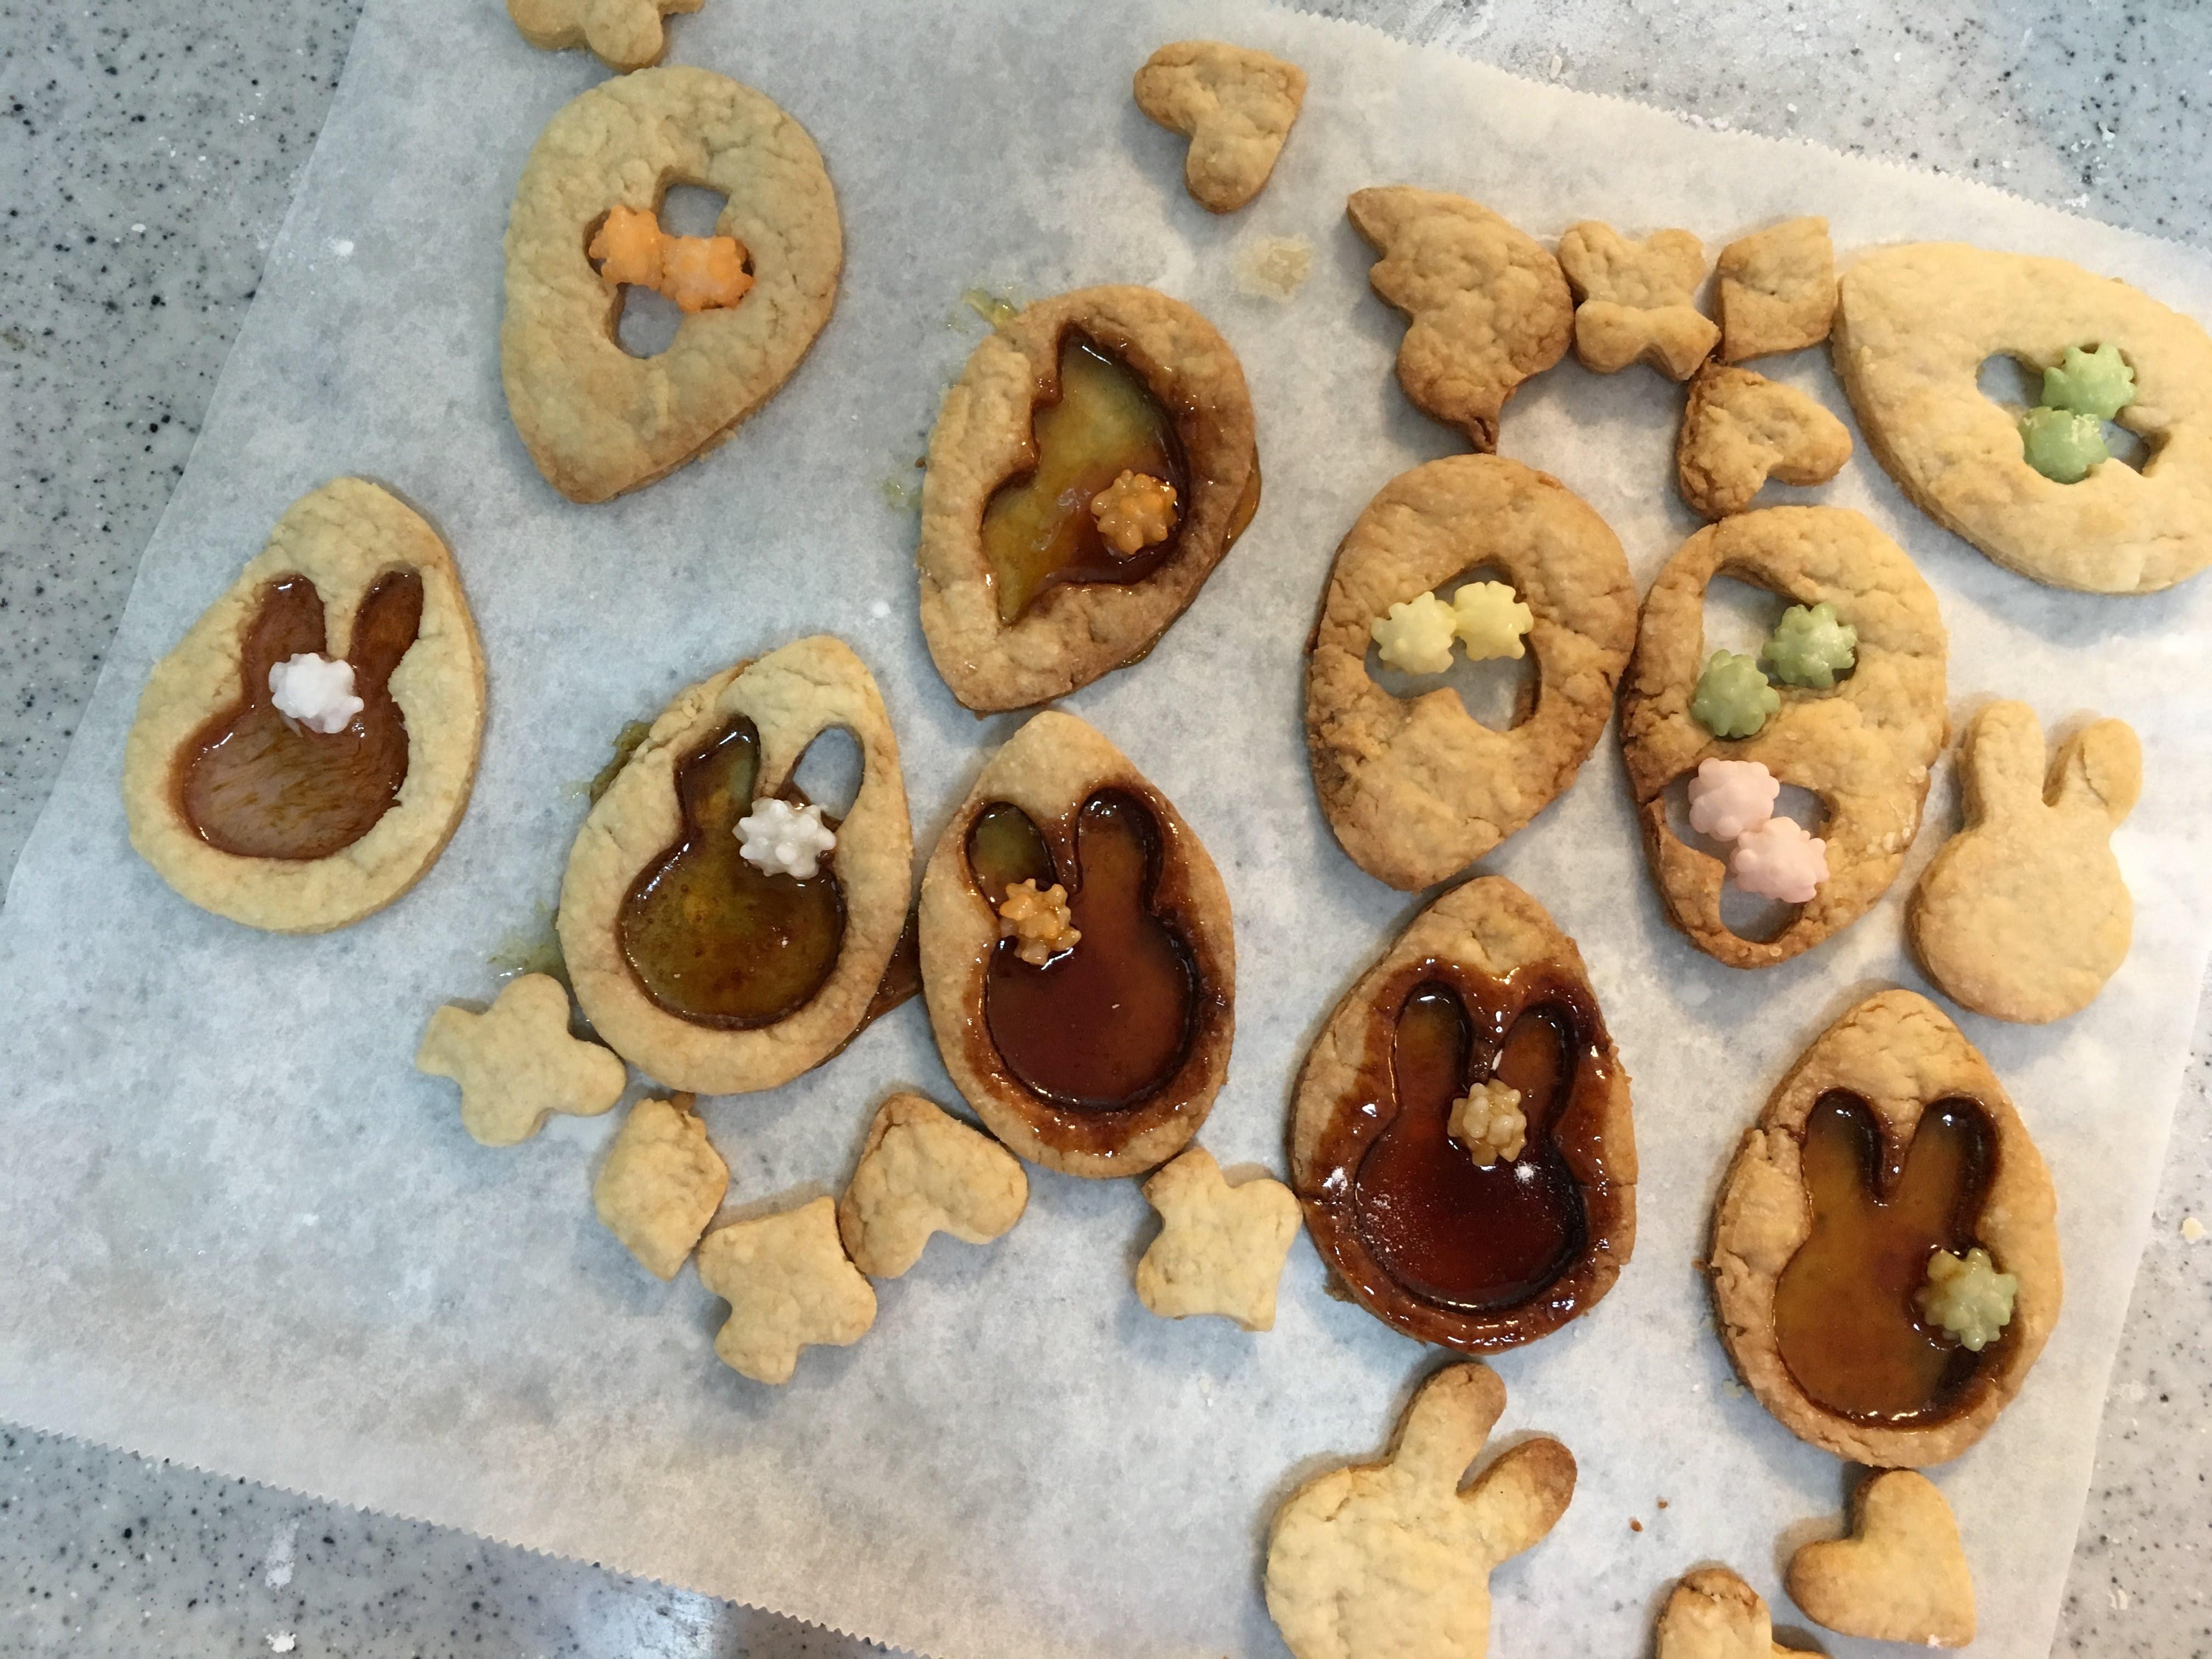 ステンドグラスクッキー 失敗